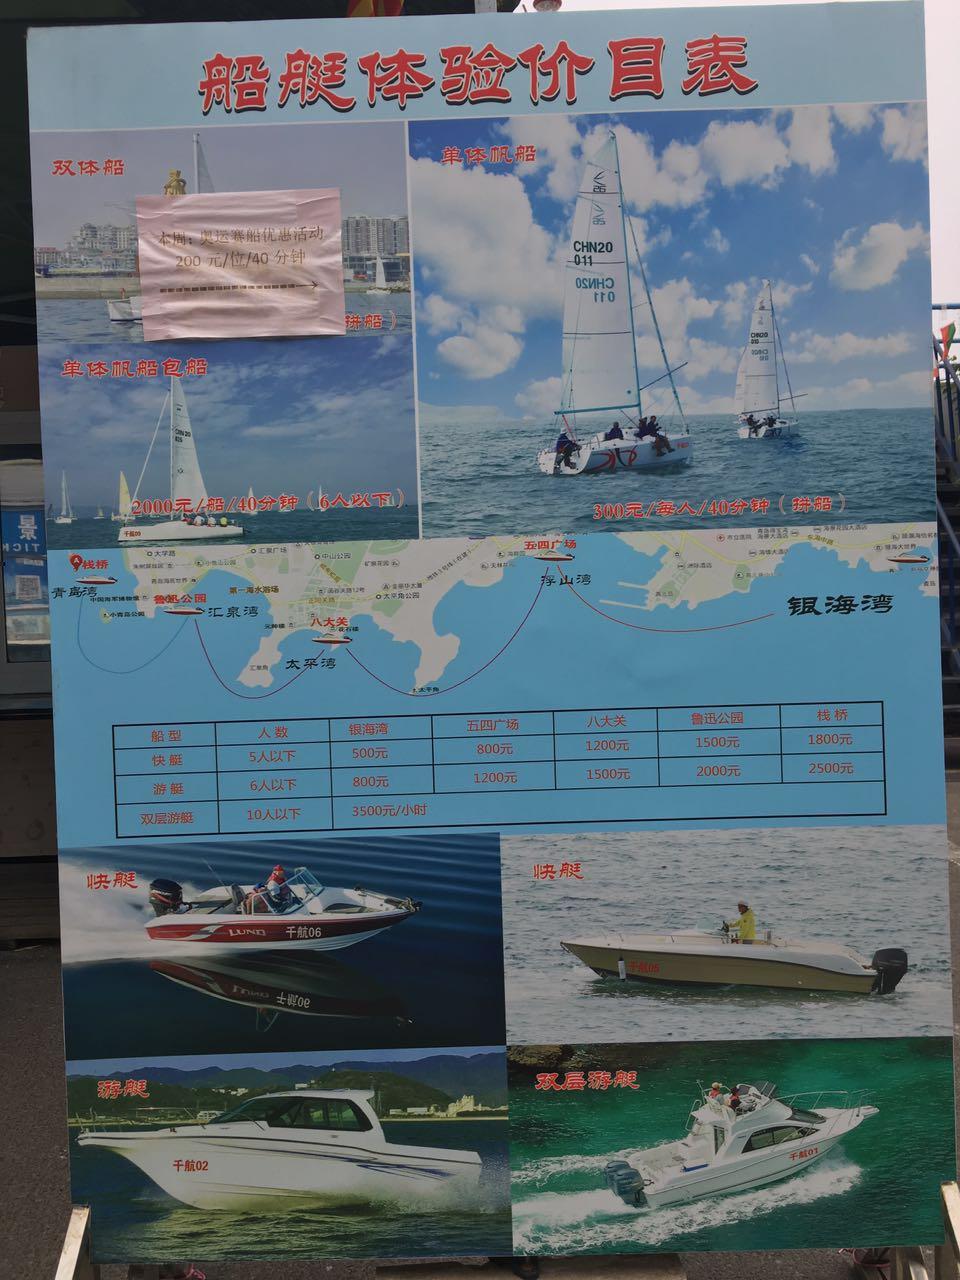 11月在青岛租了一艘珐伊有一起练船的朋友吗?